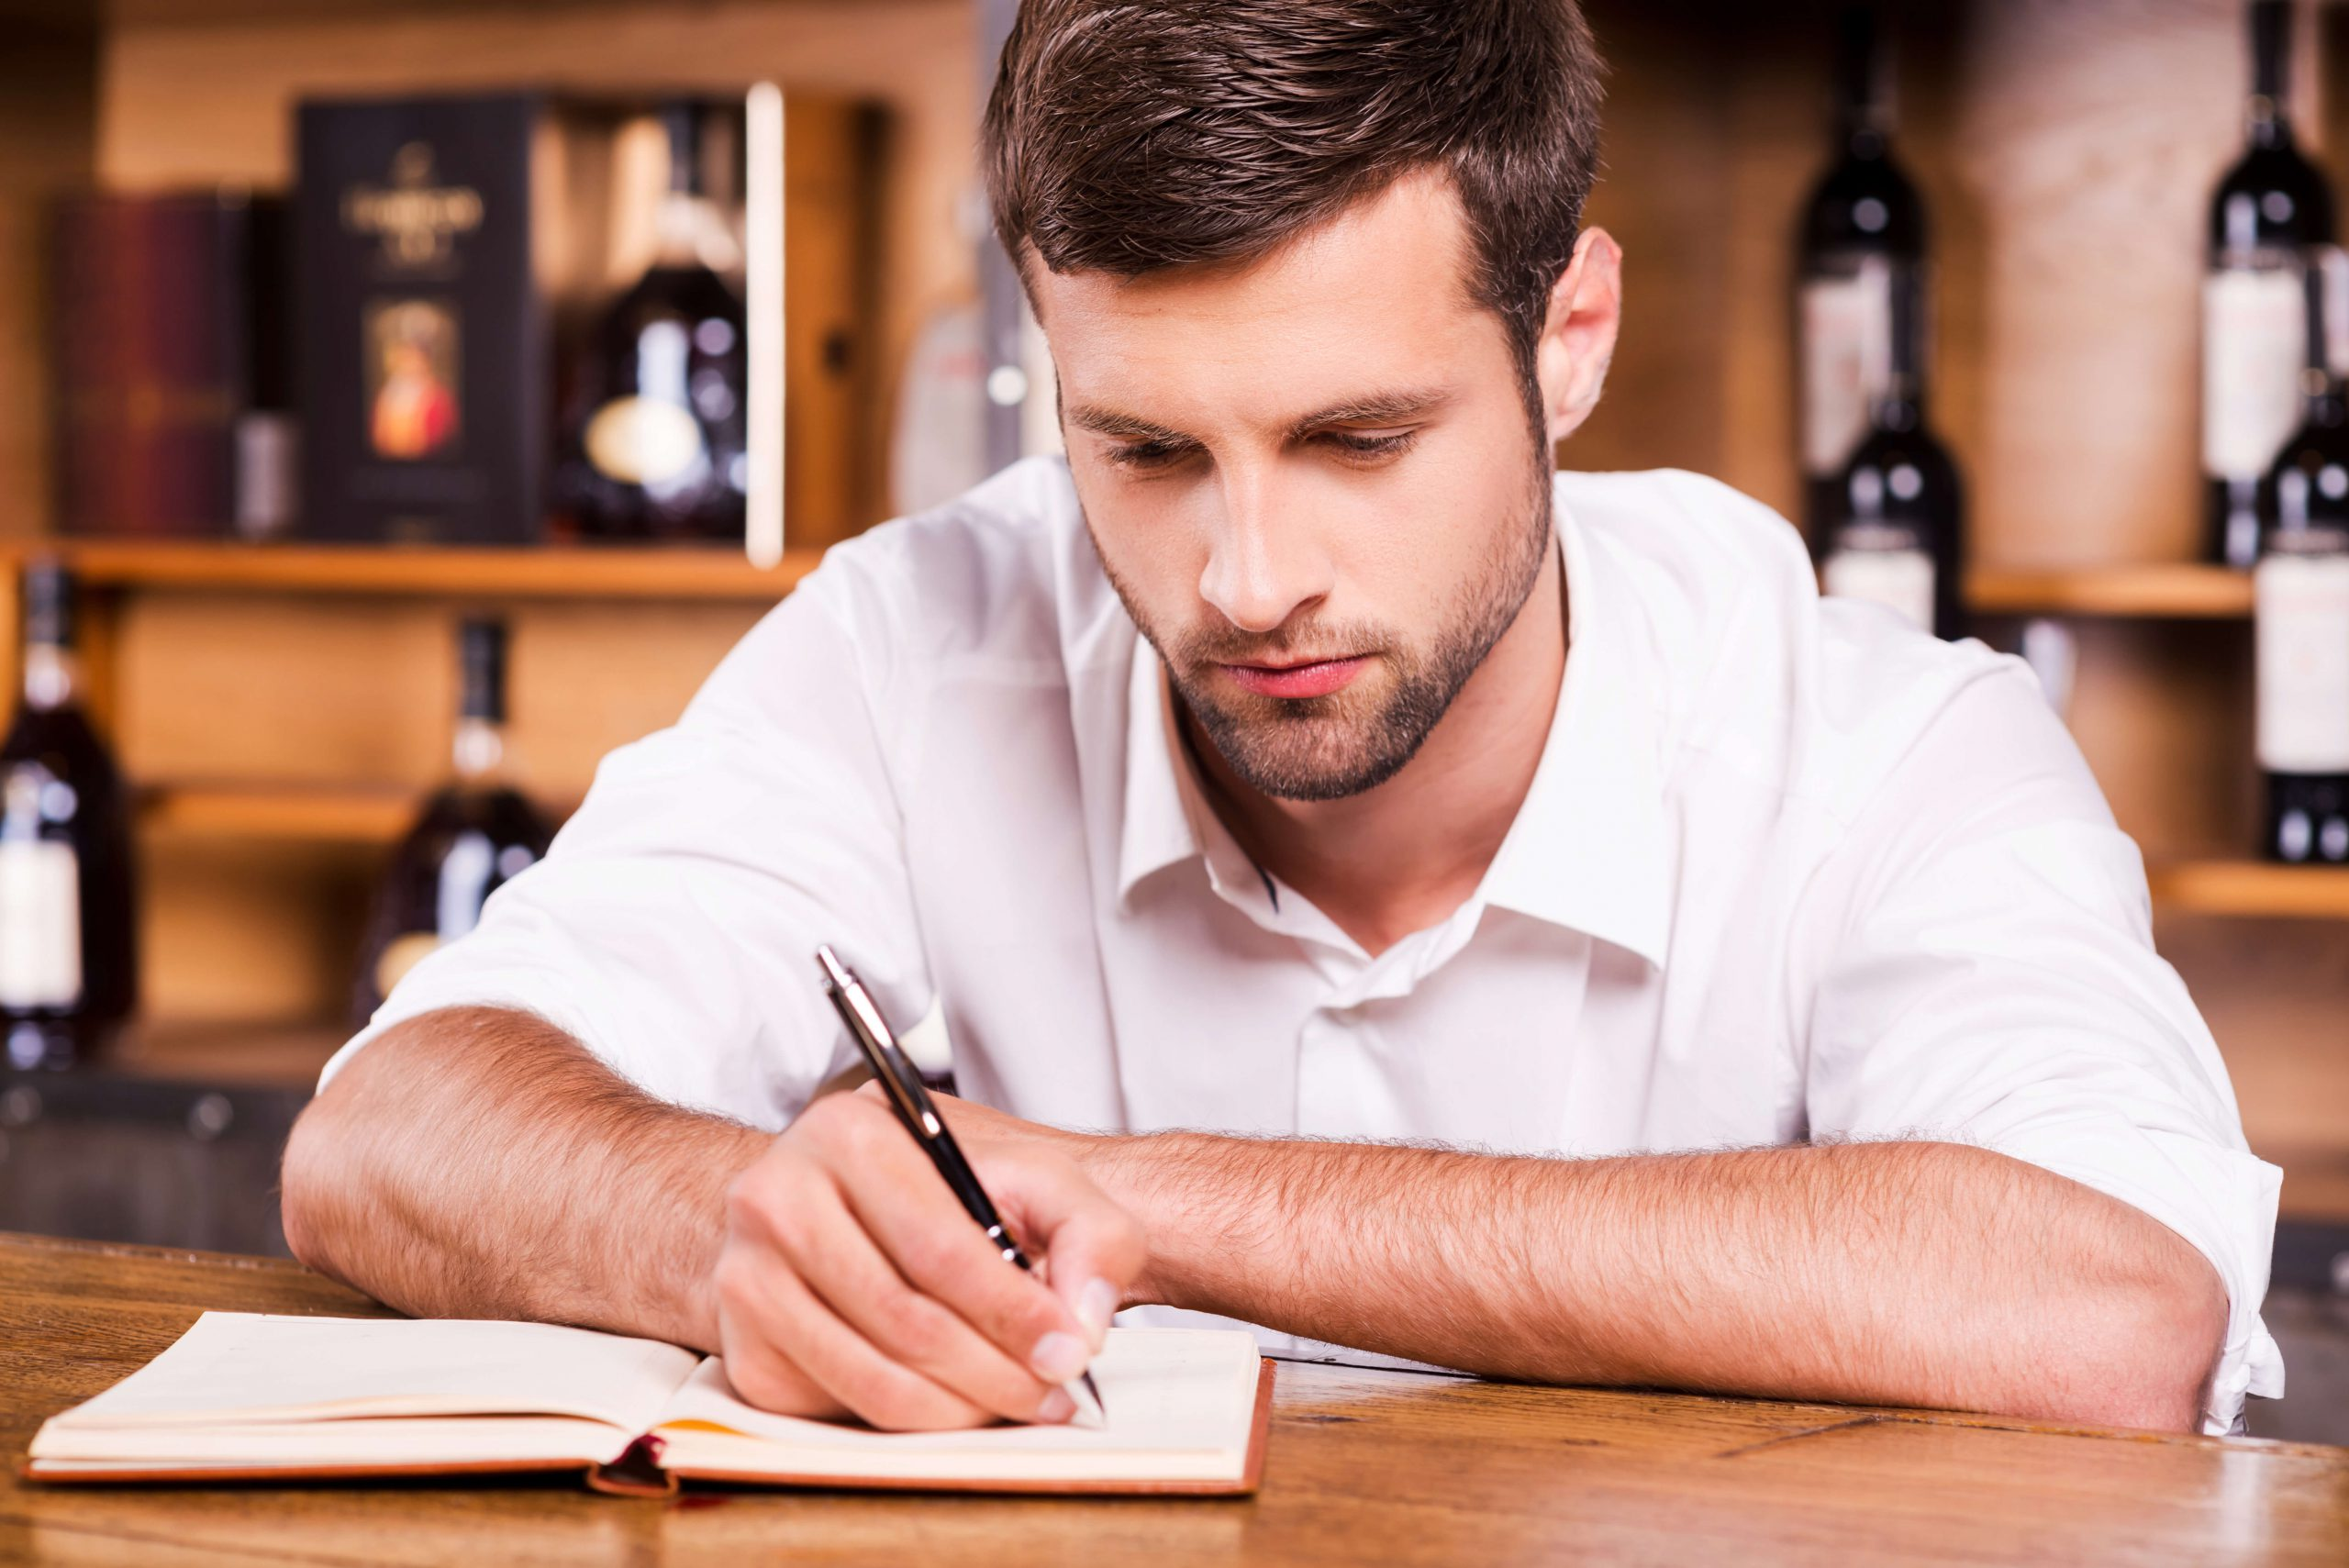 כותב תפריט